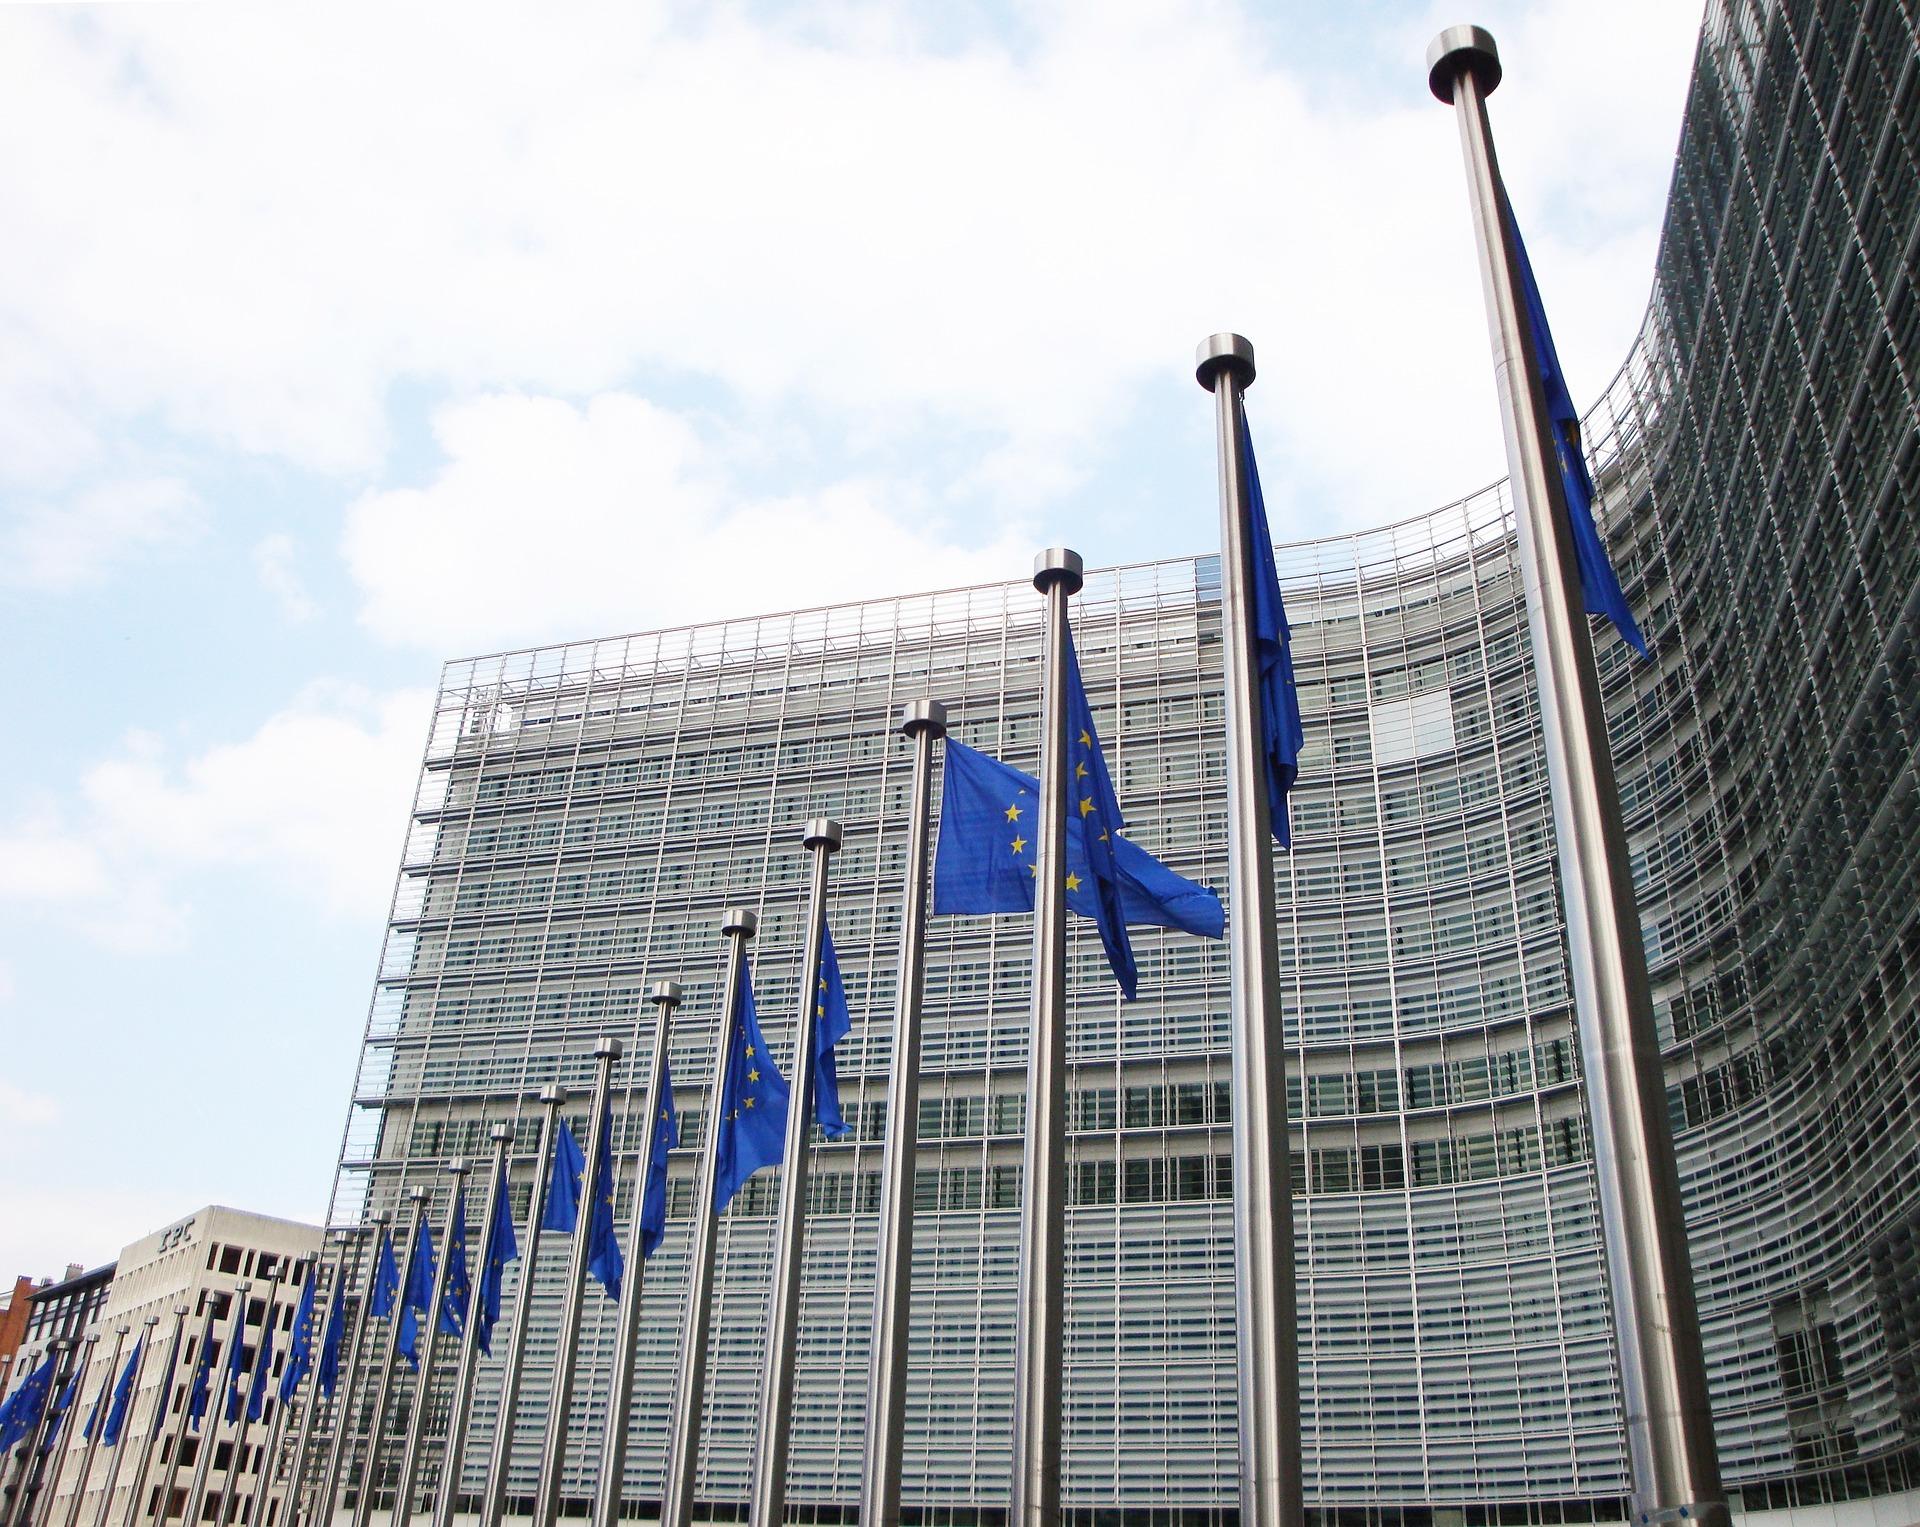 Trasporti internazionali Ue: Covid-19, proposte misure temporanee per certificati, licenze e autorizzazioni